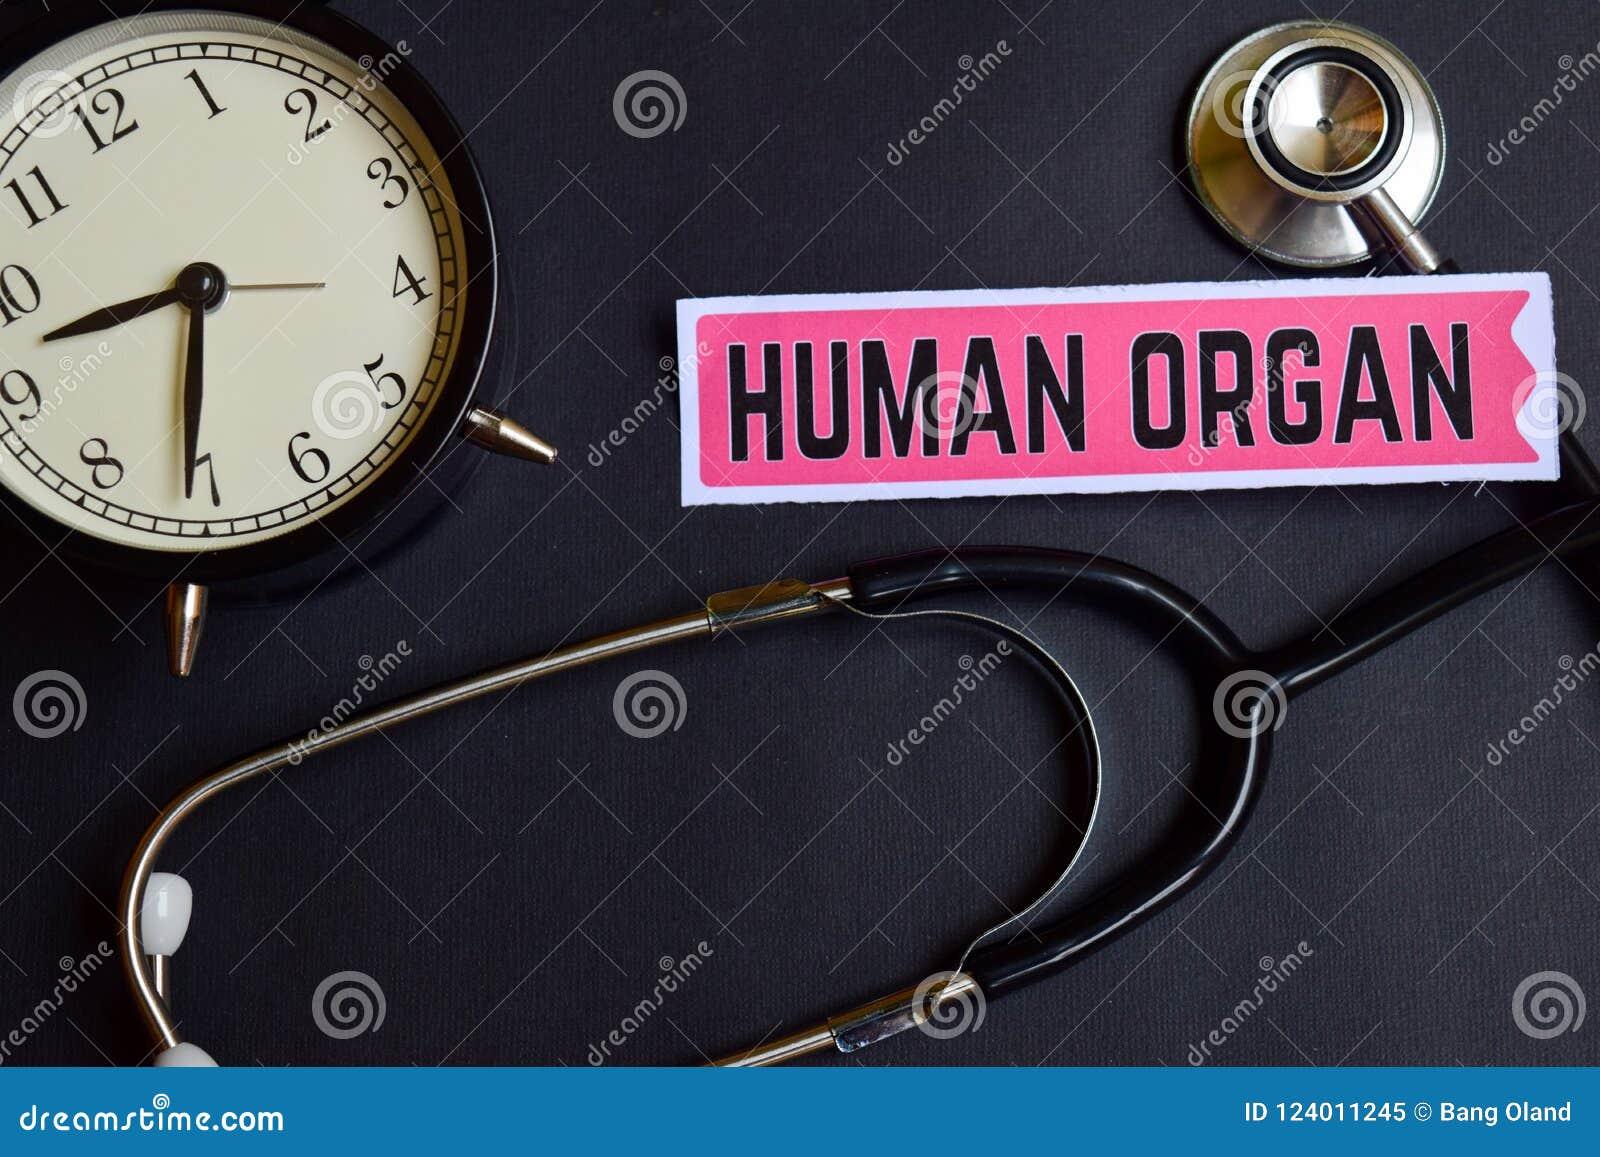 Órgano humano en el papel con la inspiración del concepto de la atención sanitaria despertador, estetoscopio negro